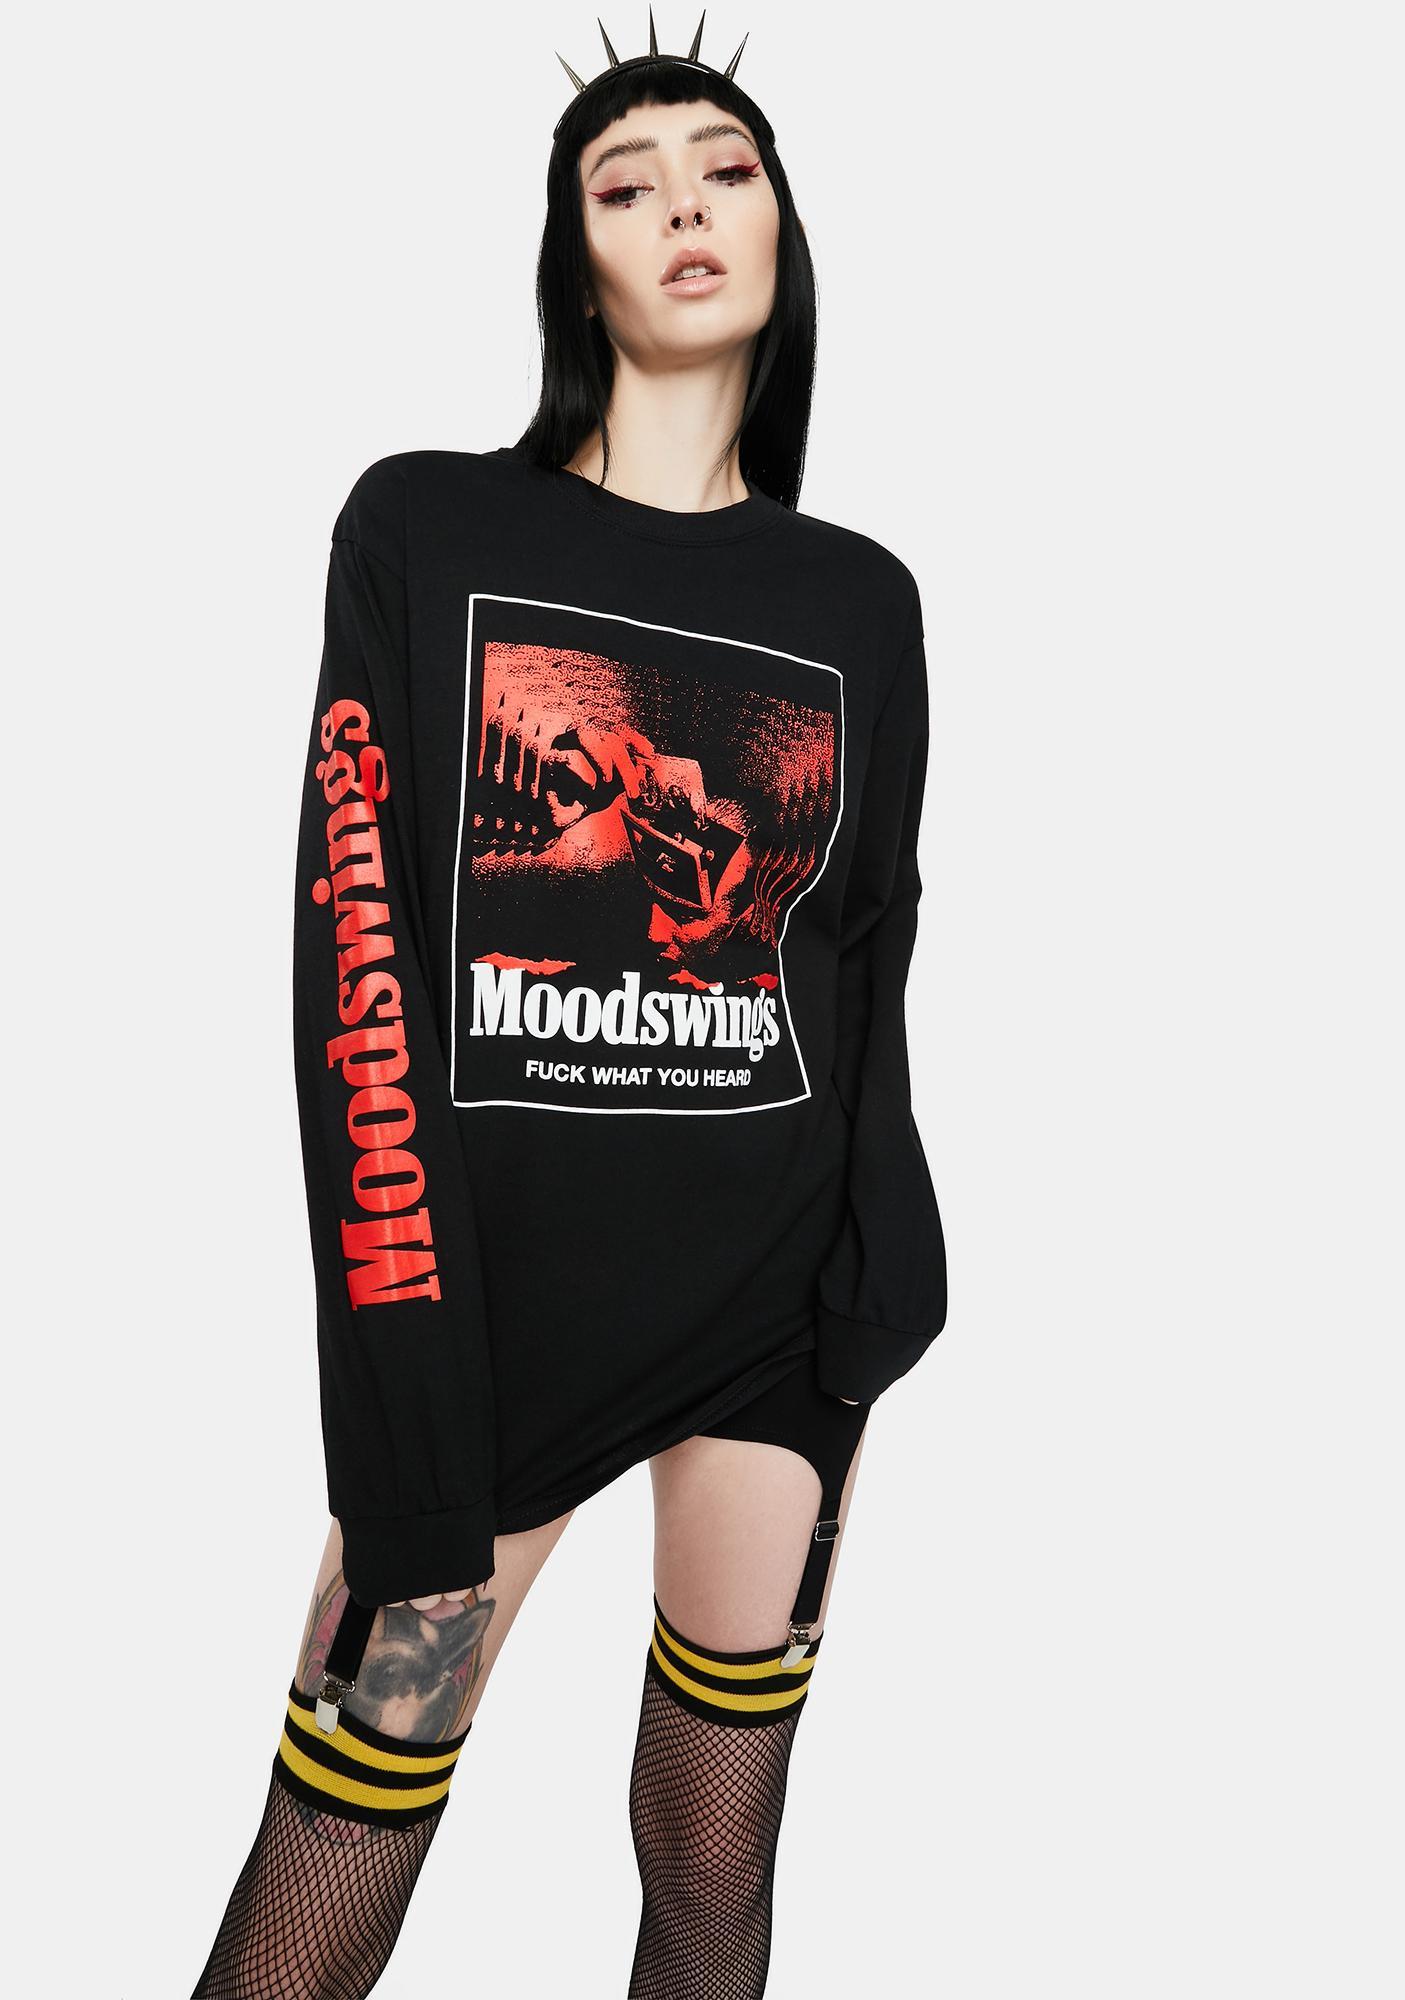 MOODSWINGS Moodswings Long Sleeve Graphic Tee